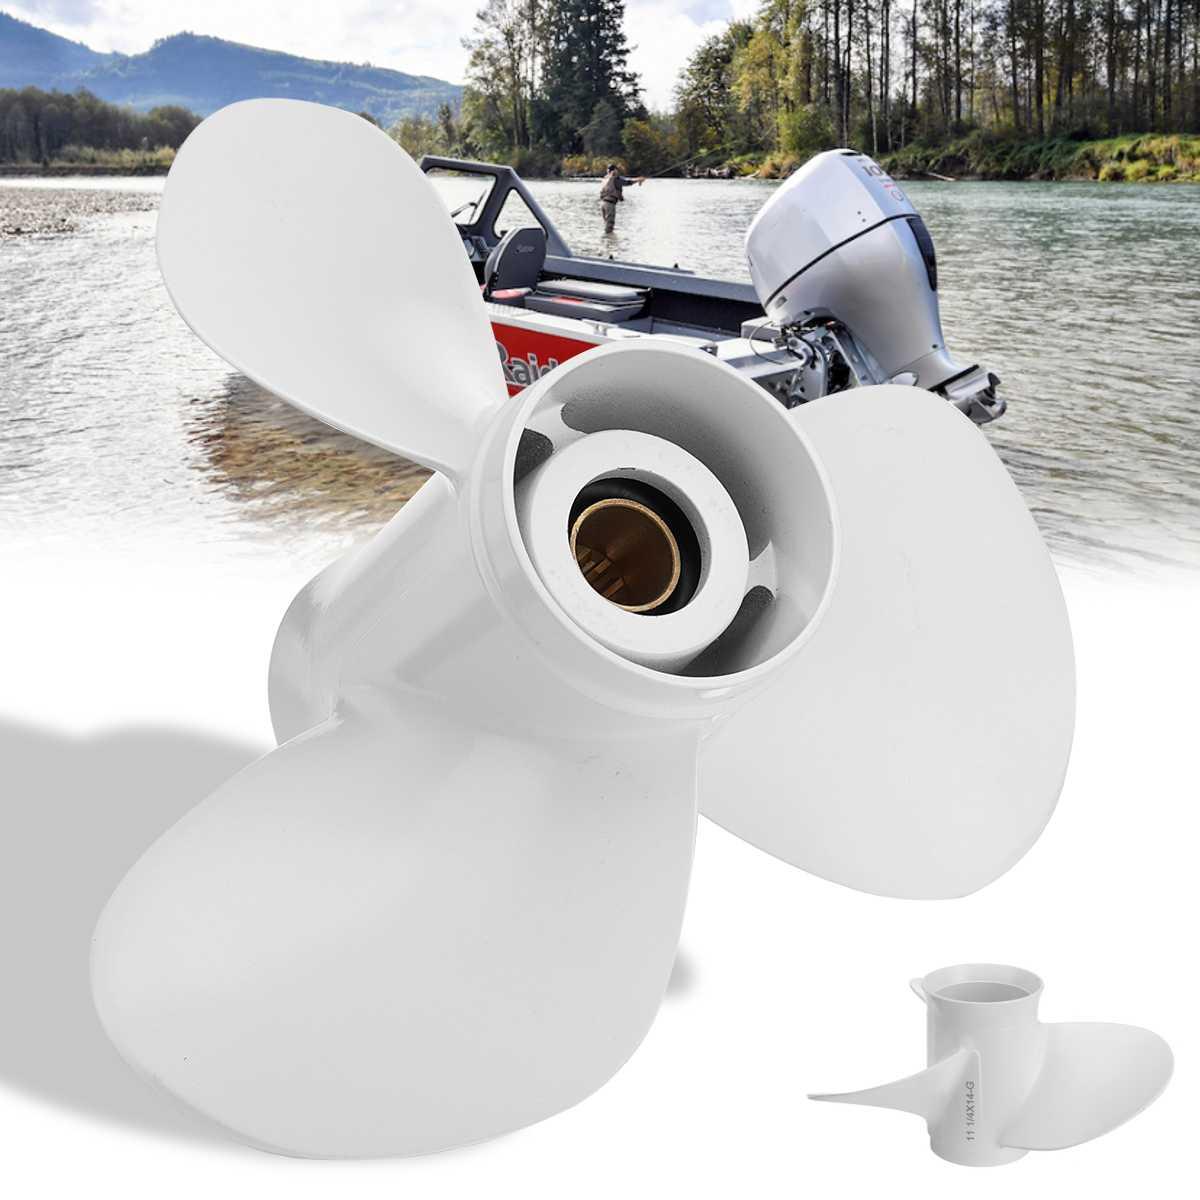 663-45958-01-EL 11 1/4 x Lâminas de Hélice De Popa do Barco de Alumínio Para Yamaha 25-60HP 3 14 13 Spline Dente Branco R Rotação